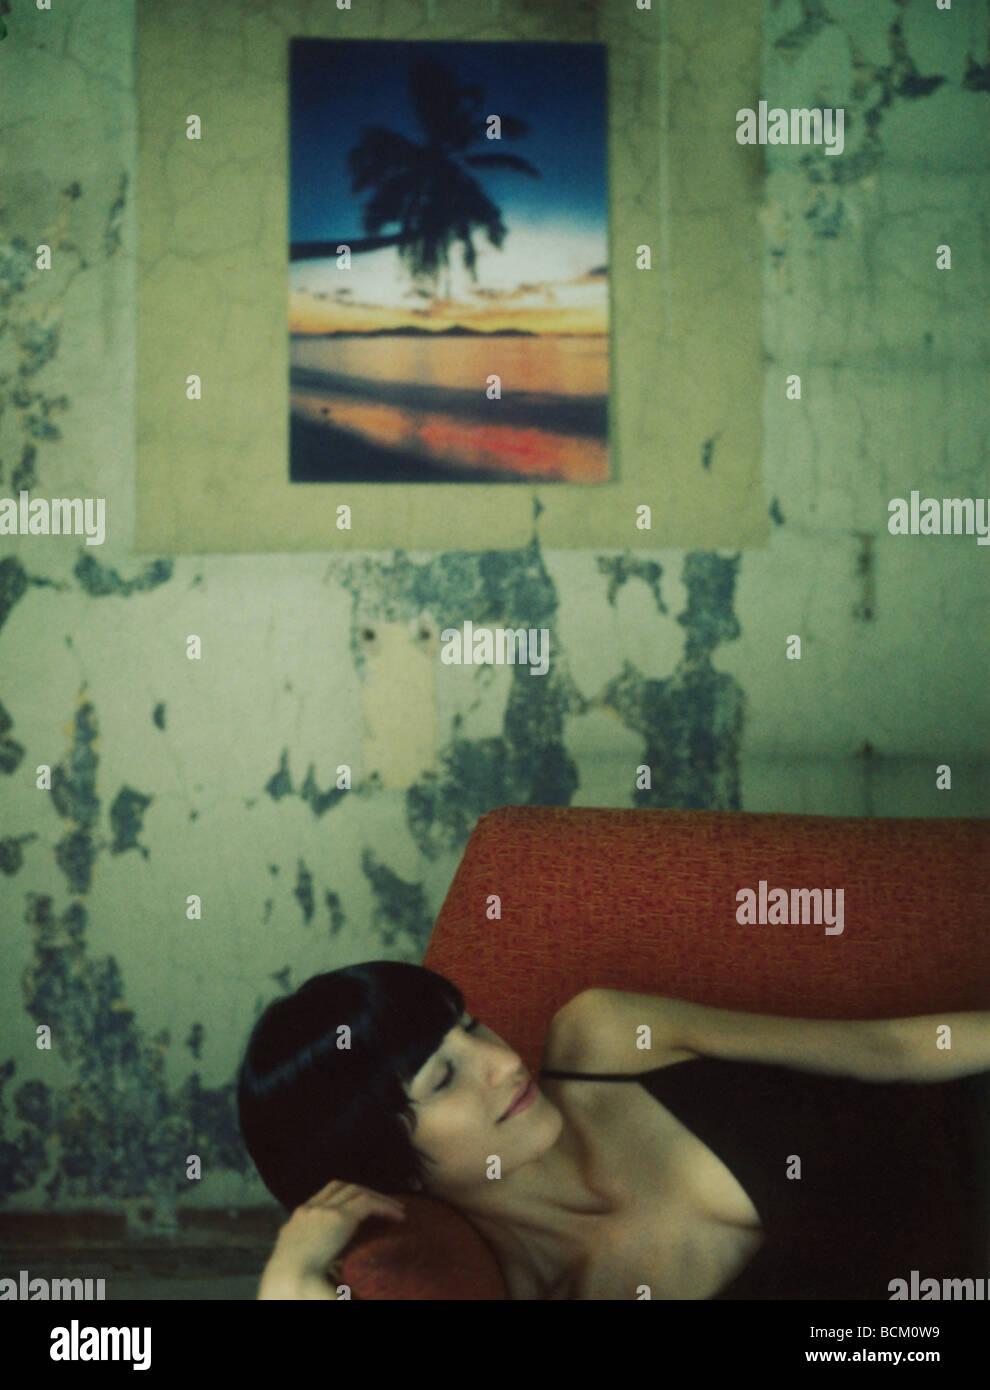 Frau auf Sofa liegend mit geschlossenen Augen, Farbfoto Lächeln, auf Wand im Hintergrund Stockbild